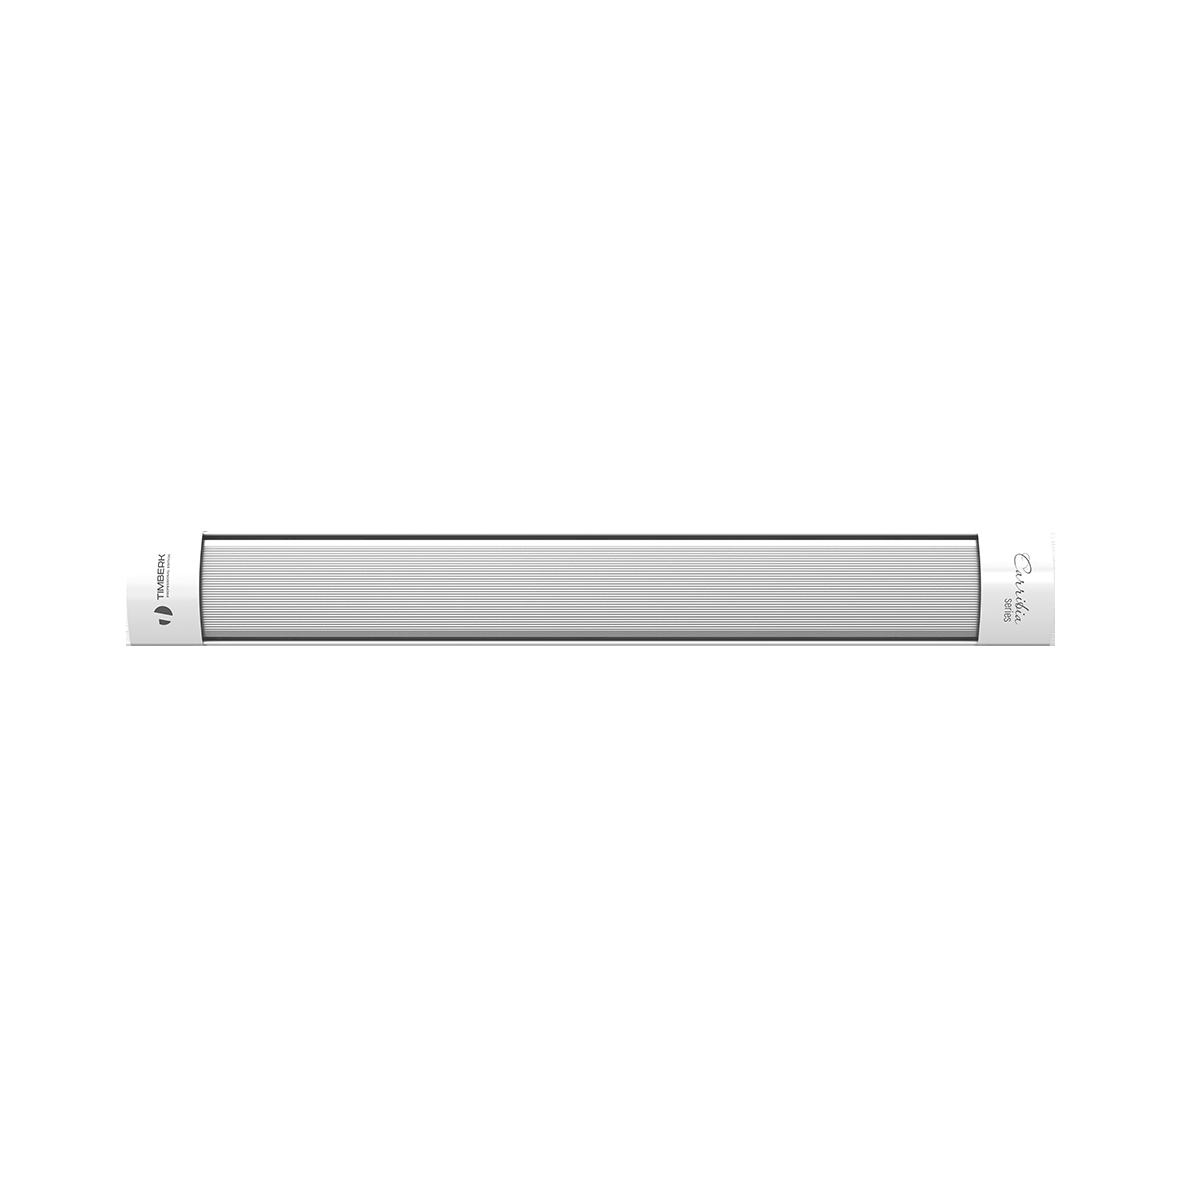 Обогреватель Timberk TCH A5 800Обогреватели<br>- Возможность объединения приборов в группу - до 3000 Вт суммарной мощности<br>- Компактный размер<br>- Отражательный экран с высочайшим коэффициентом отражения<br>- Повышенная экономия расхода электроэнергии<br>- Потолочный монтаж - экономия пространства помещения<br>- Безопасное потолочное крепление: горячая рабочая поверхность недоступна для случайных контактов.<br>- Возможность подключения блока дистанционного управления TMS 08.CH*<br>- Возможность подключения комнатного термостата TMS.09CH или TMS 10.CH**<br>* Блок управления не входит в комплект поставки, приобретается ...<br><br>Тип: инфракрасный<br>Серия: A5: Carribia<br>Площадь обогрева, кв.м: 8<br>Термостат: есть<br>Напряжение: 220/230 В<br>Габариты: 95.2x14.2x5 см